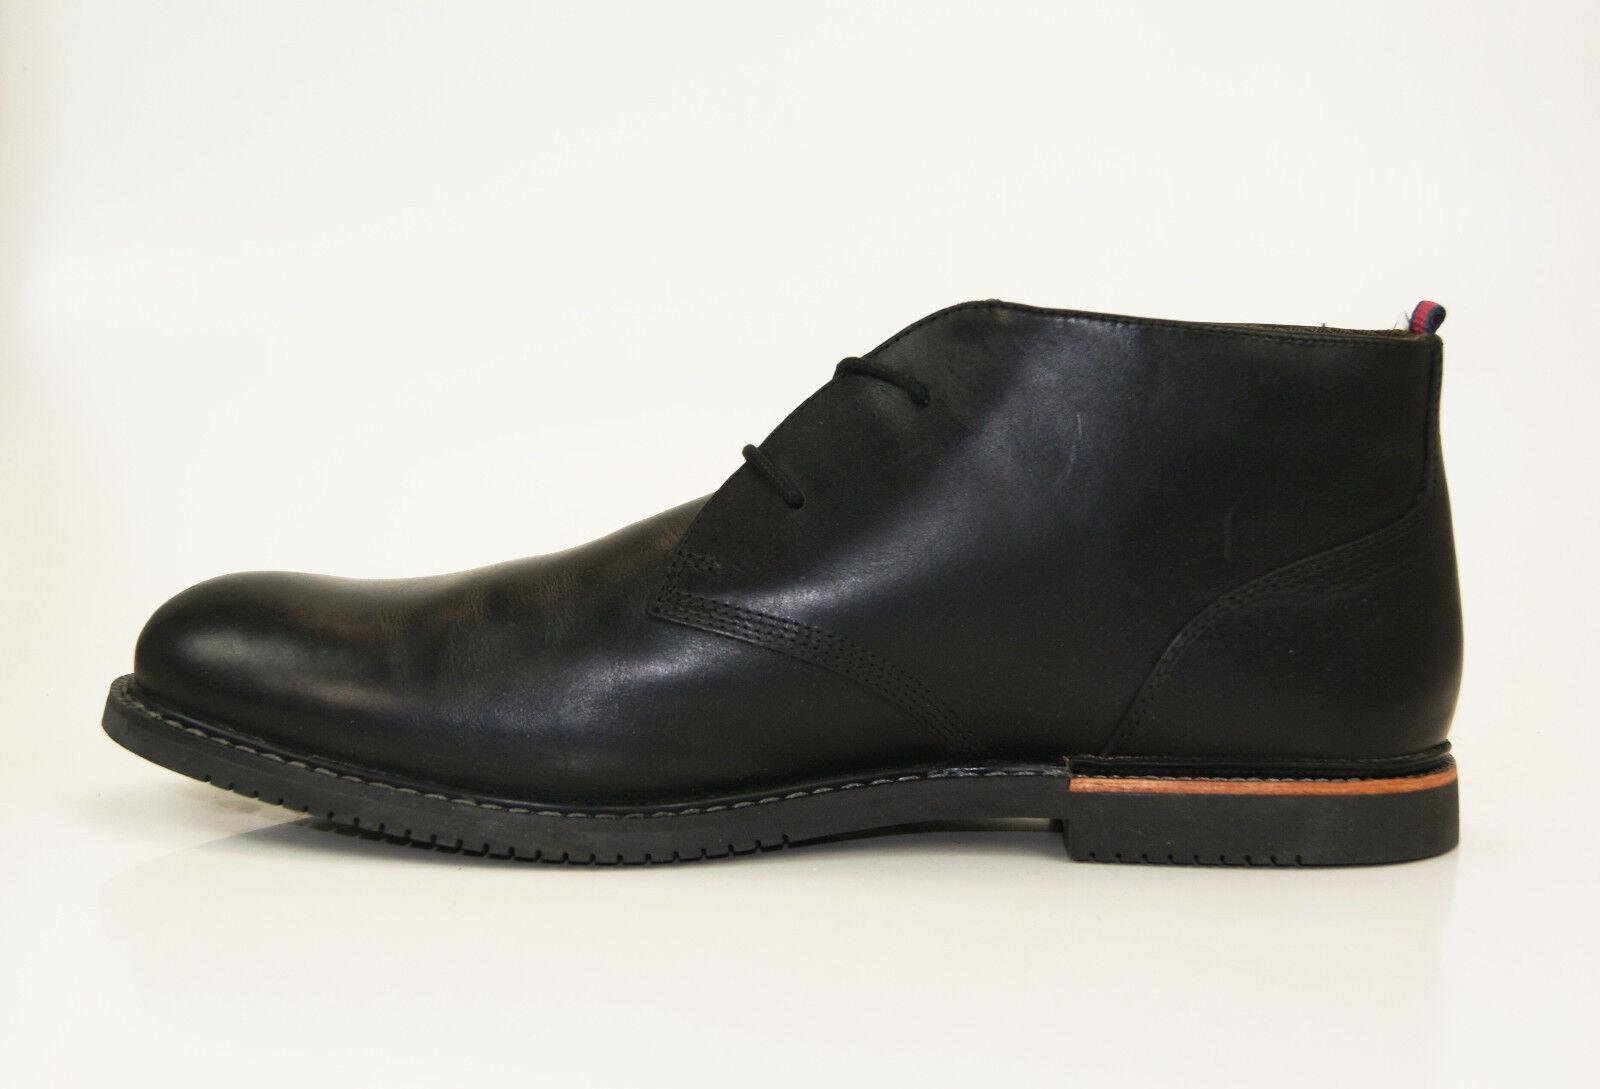 Timberland Brook Park Chukka Stiefel Schnürschuhe Herren Schuhe Schuhe Schuhe 5512A    415ad7